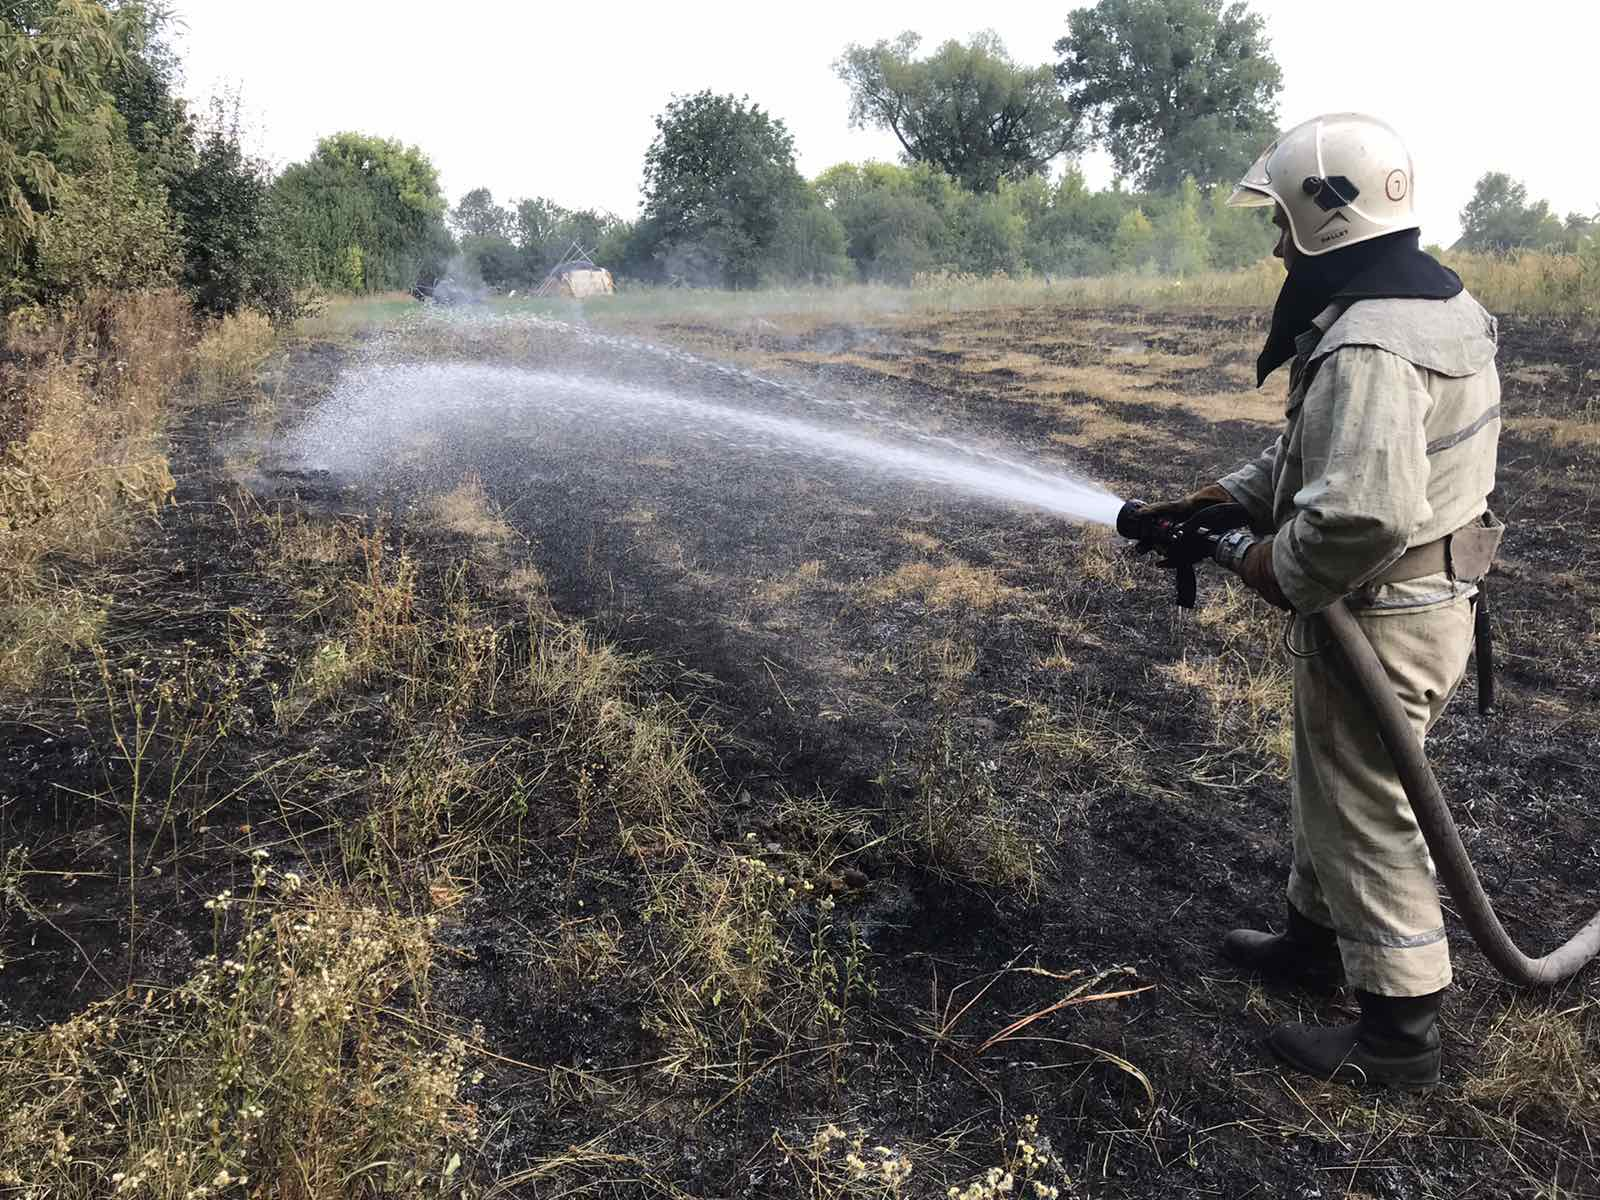 Жителі Сквирщини завдають шкоди довкіллю -  - IMG fc2bc02a49f056925347ebc502383412 V